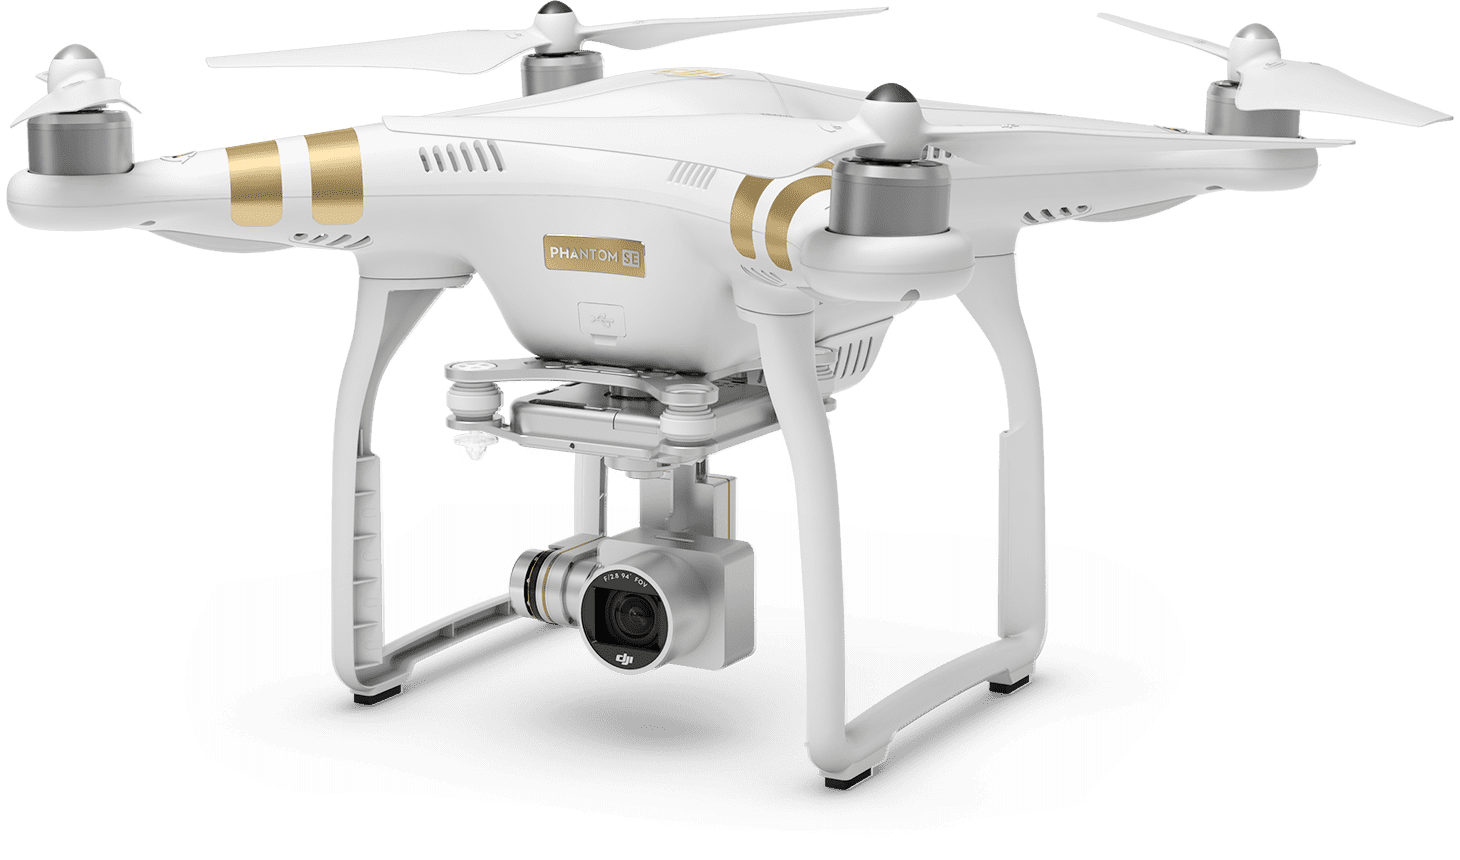 DJI Phantom 3 SE 4K Drón